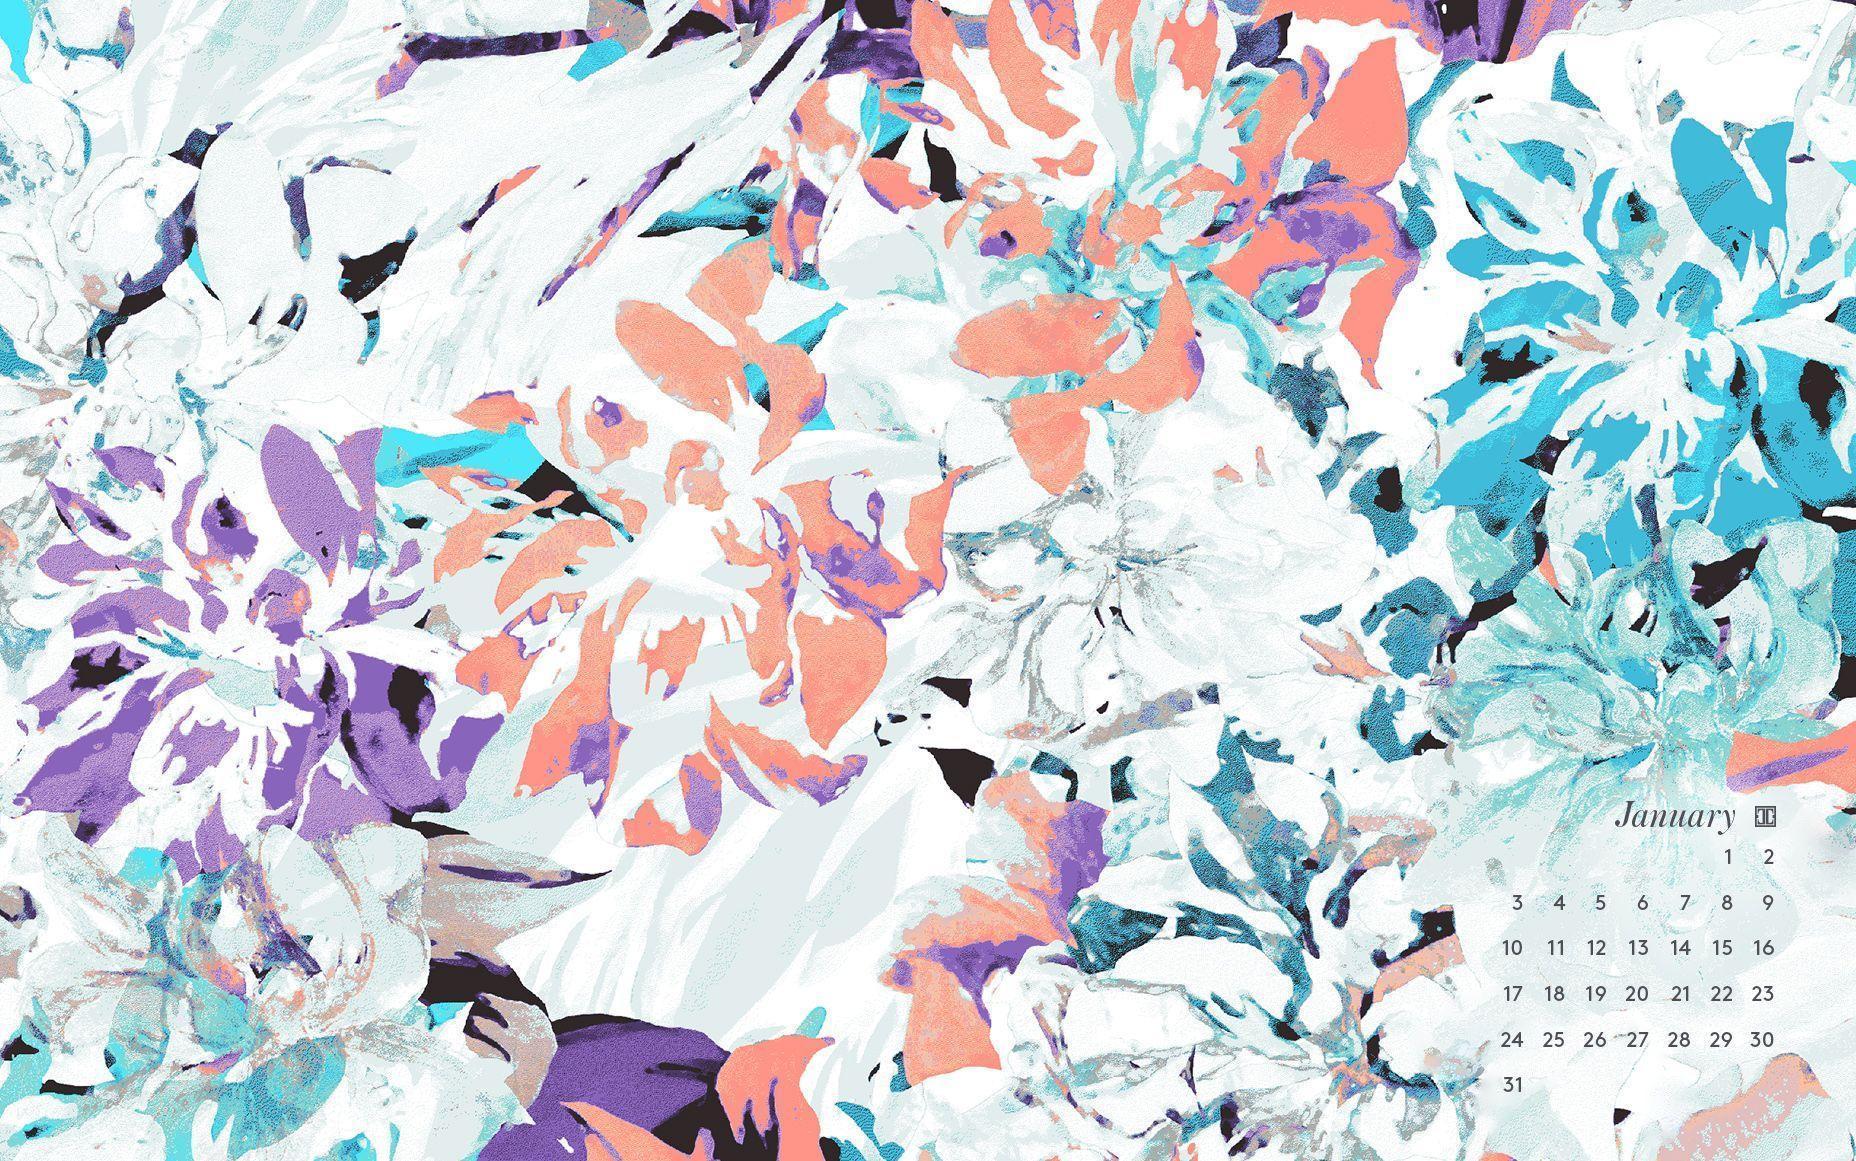 Cute Cactus Wallpaper Macbook Desktop Wallpapers Calendar January 2016 Wallpaper Cave